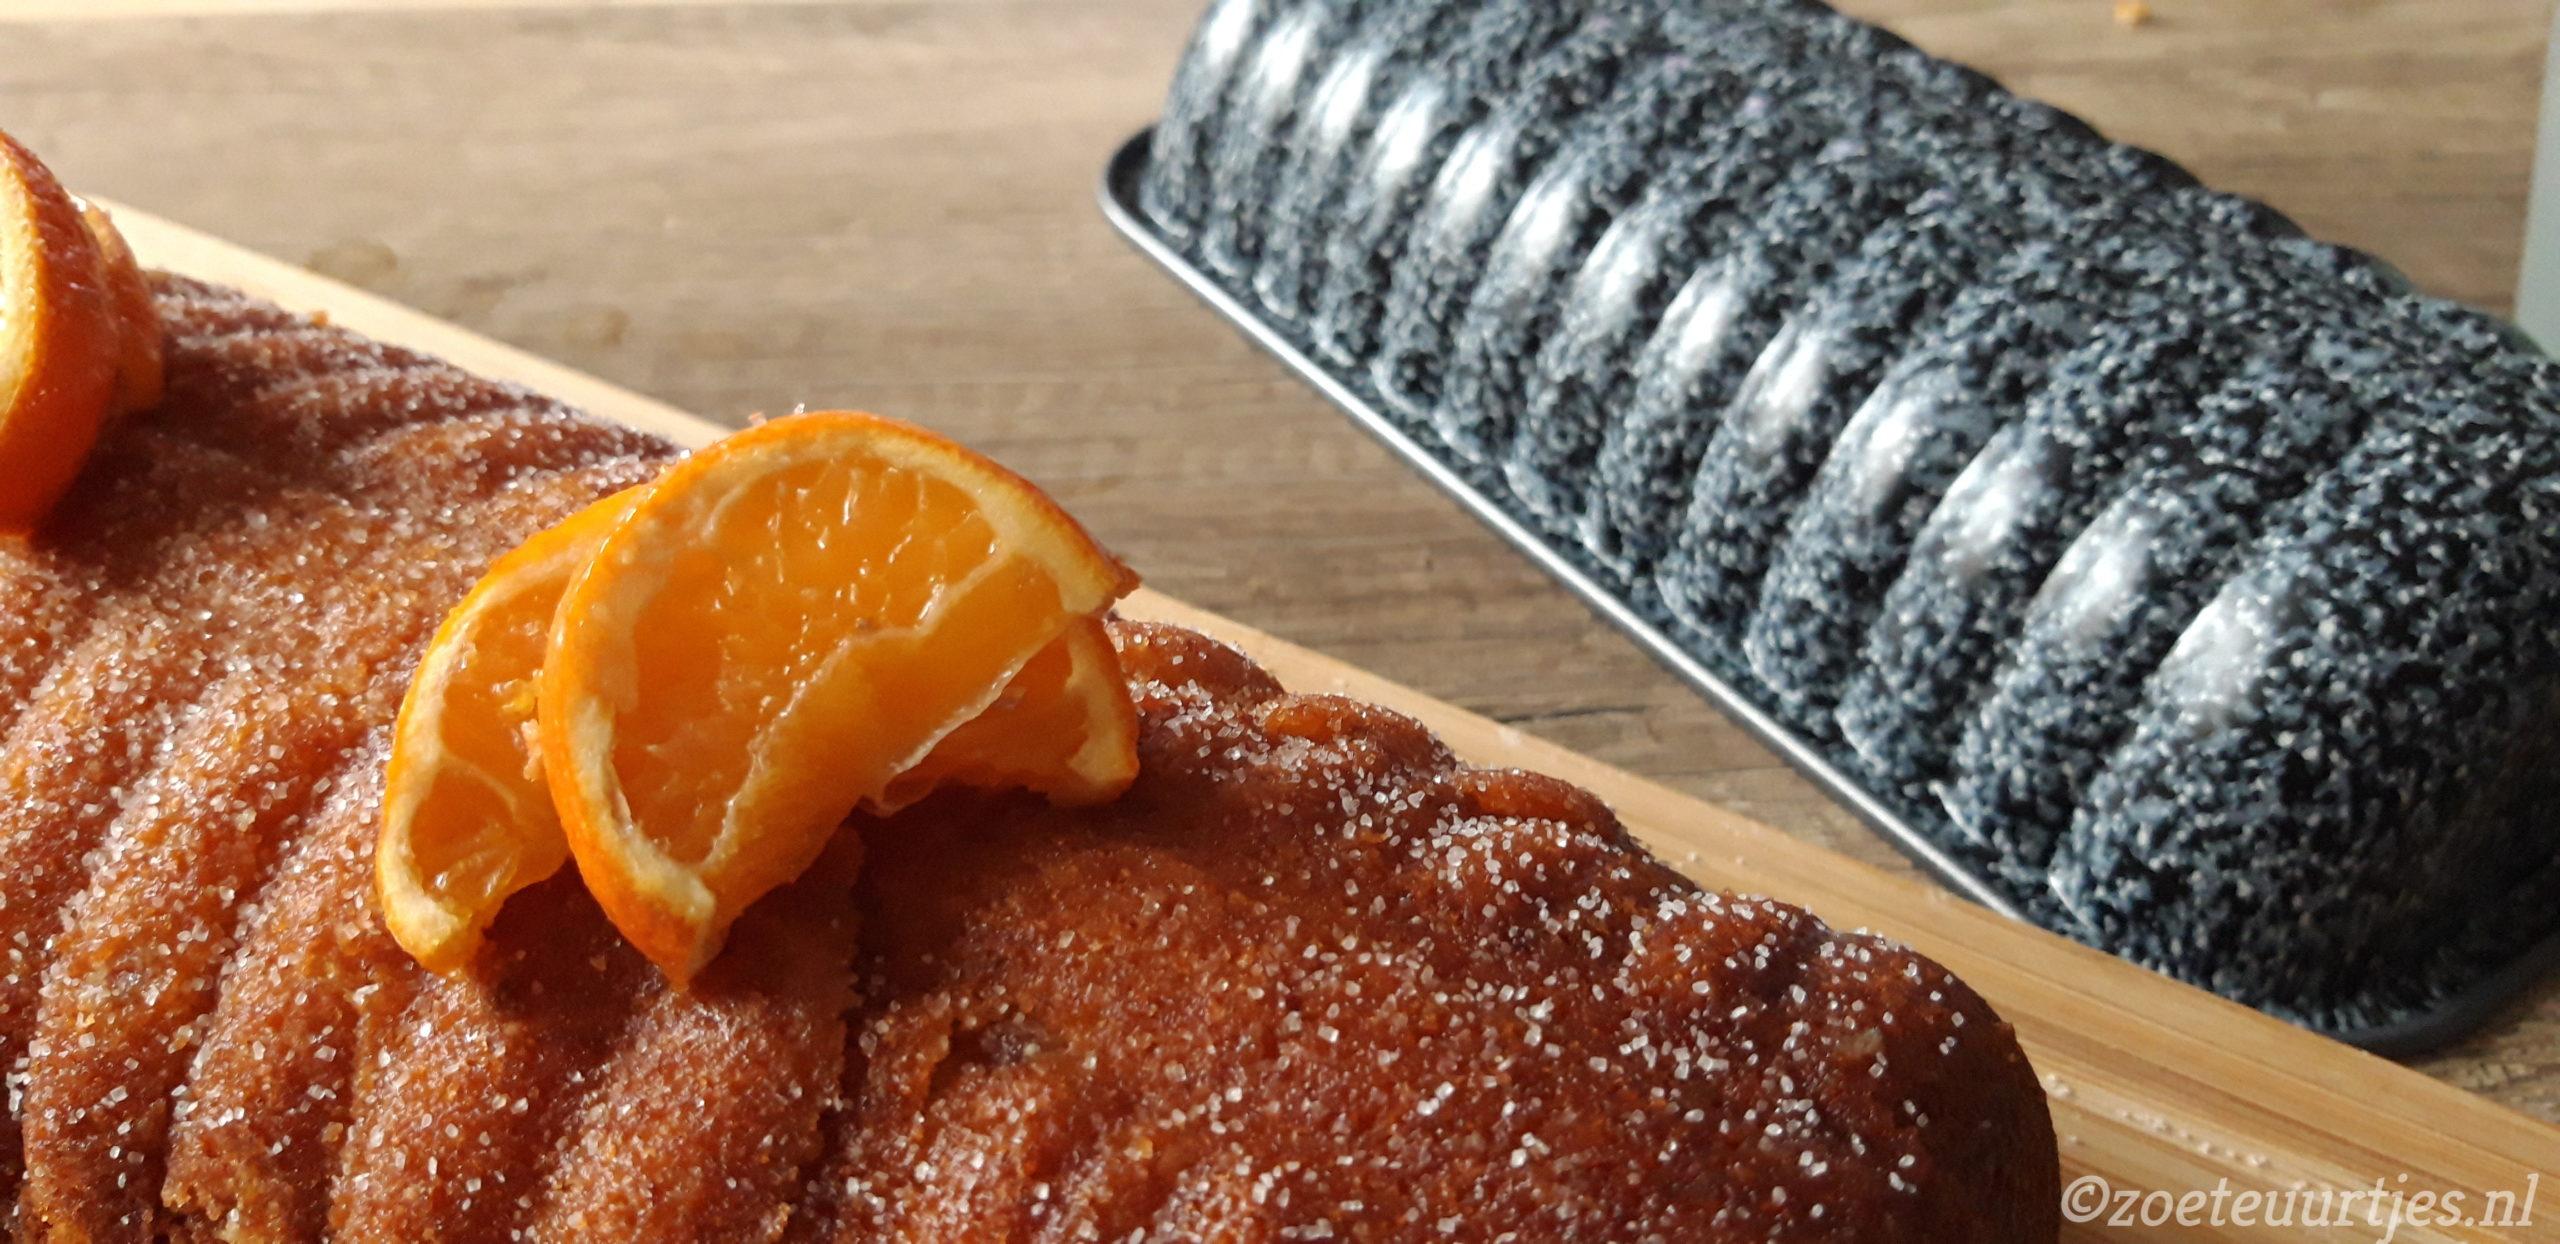 cake met mandarijn